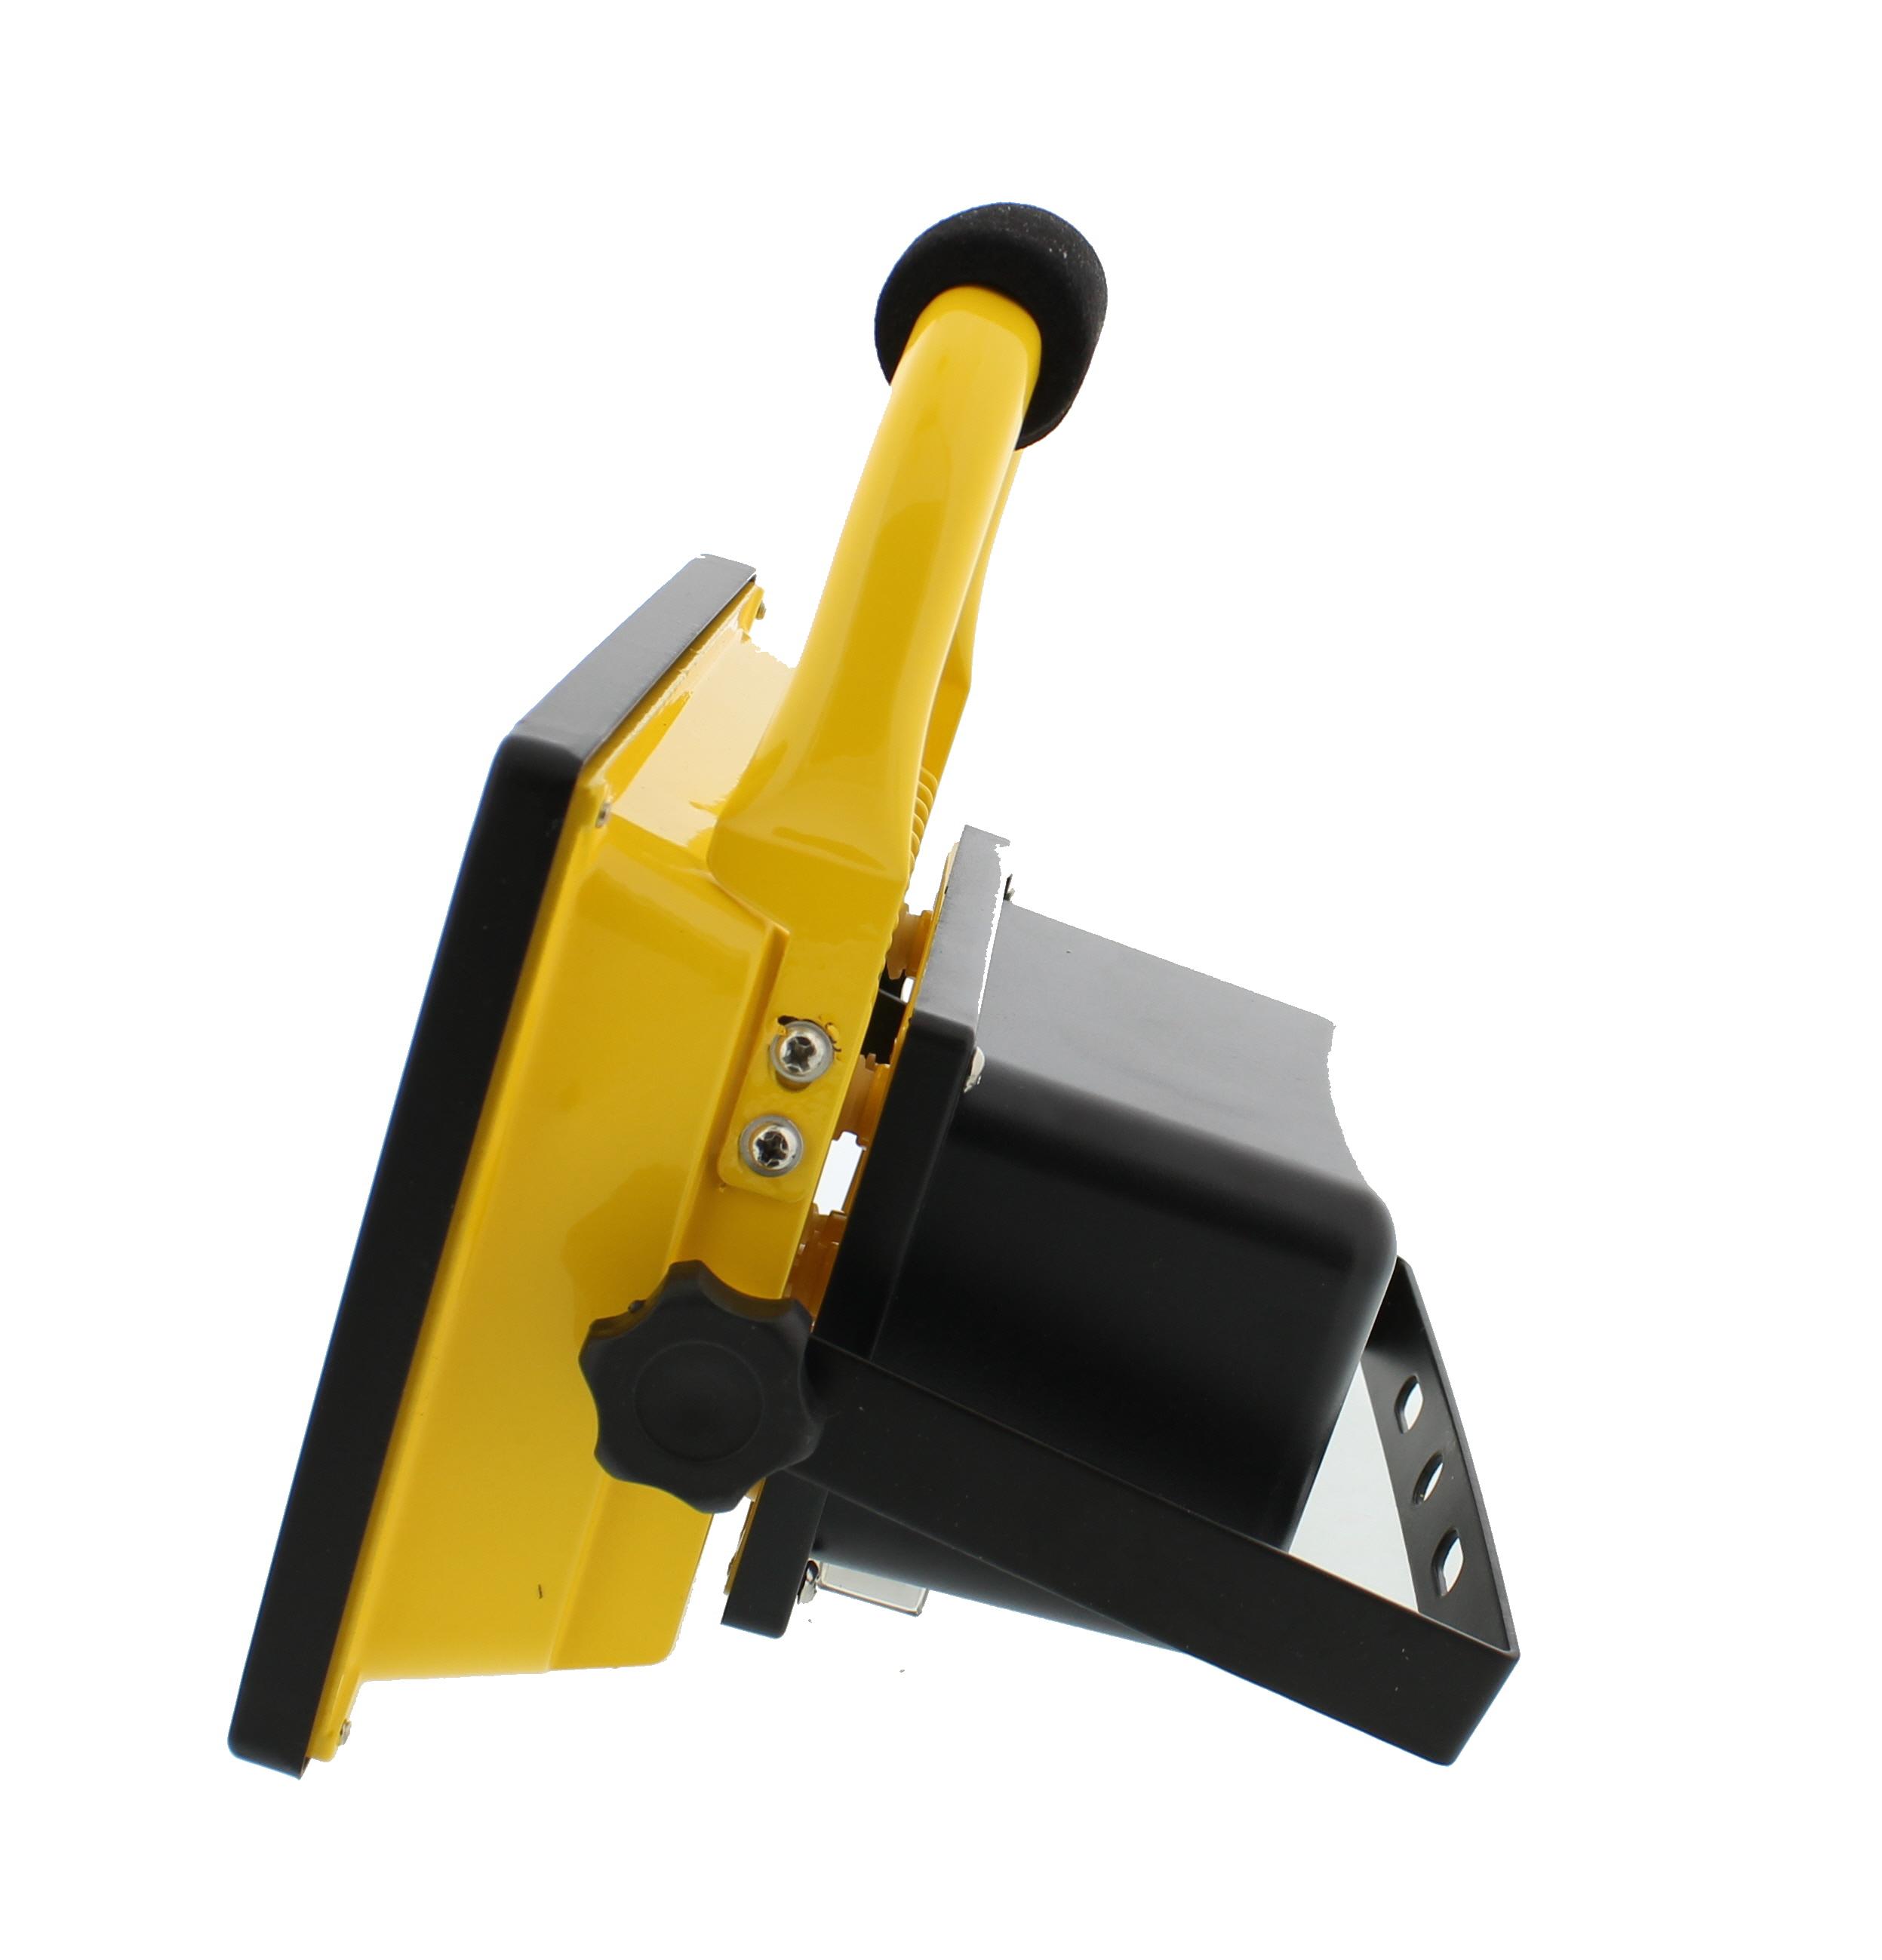 Work Light Rechargeable Led Garage Jobsite Plastic: Rechargeable LED Work Light – 50W 4500LM Cordless